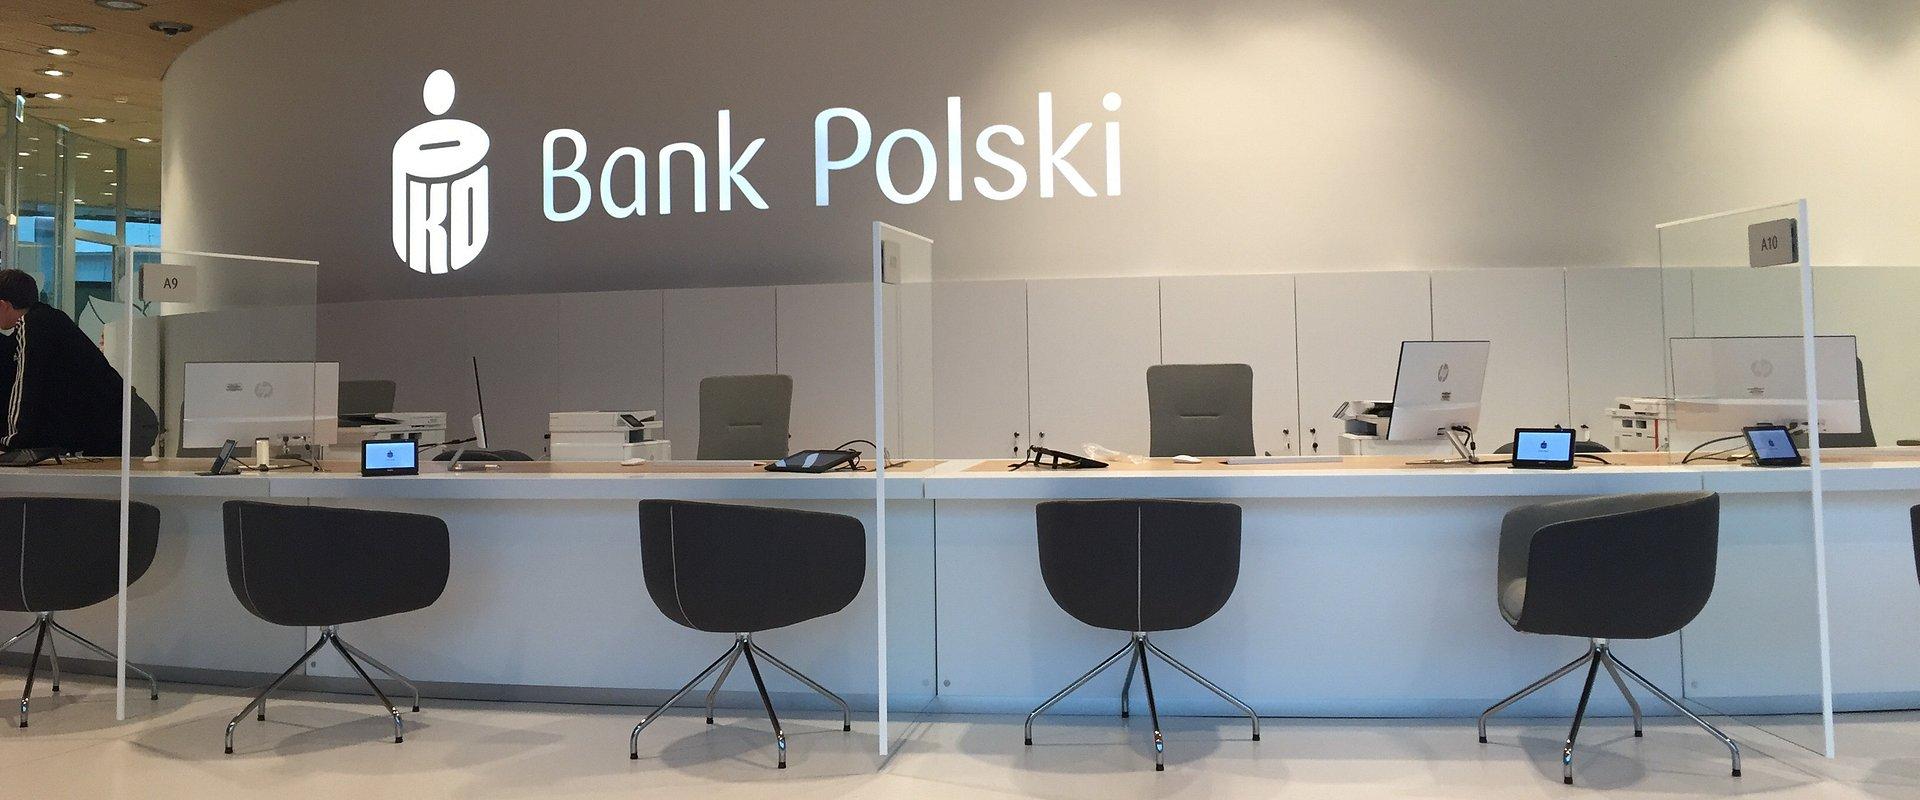 Podpis na ekranie dotykowym zamiast na papierze w oddziałach PKO Banku Polskiego